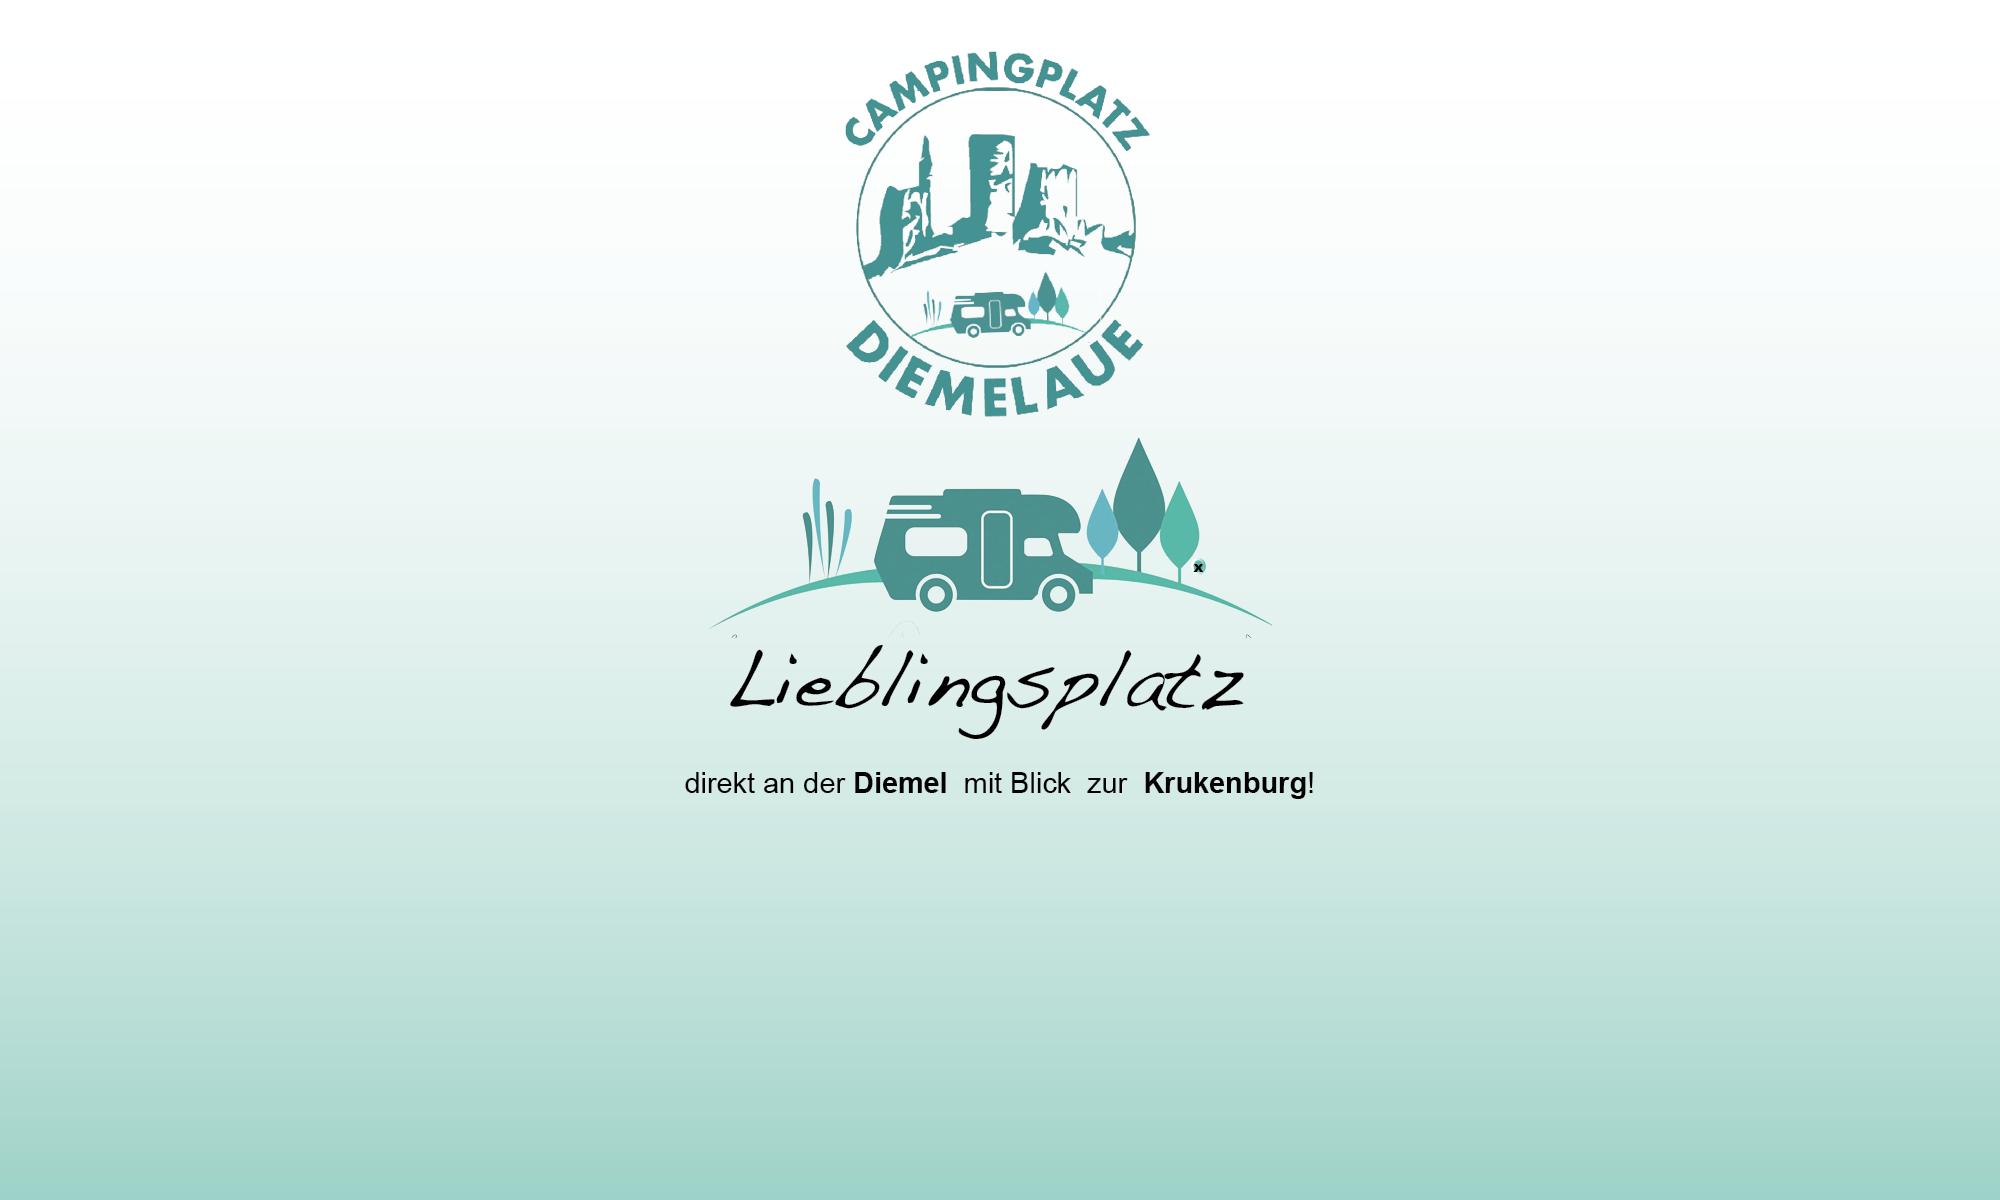 Campingplatz Diemelaue